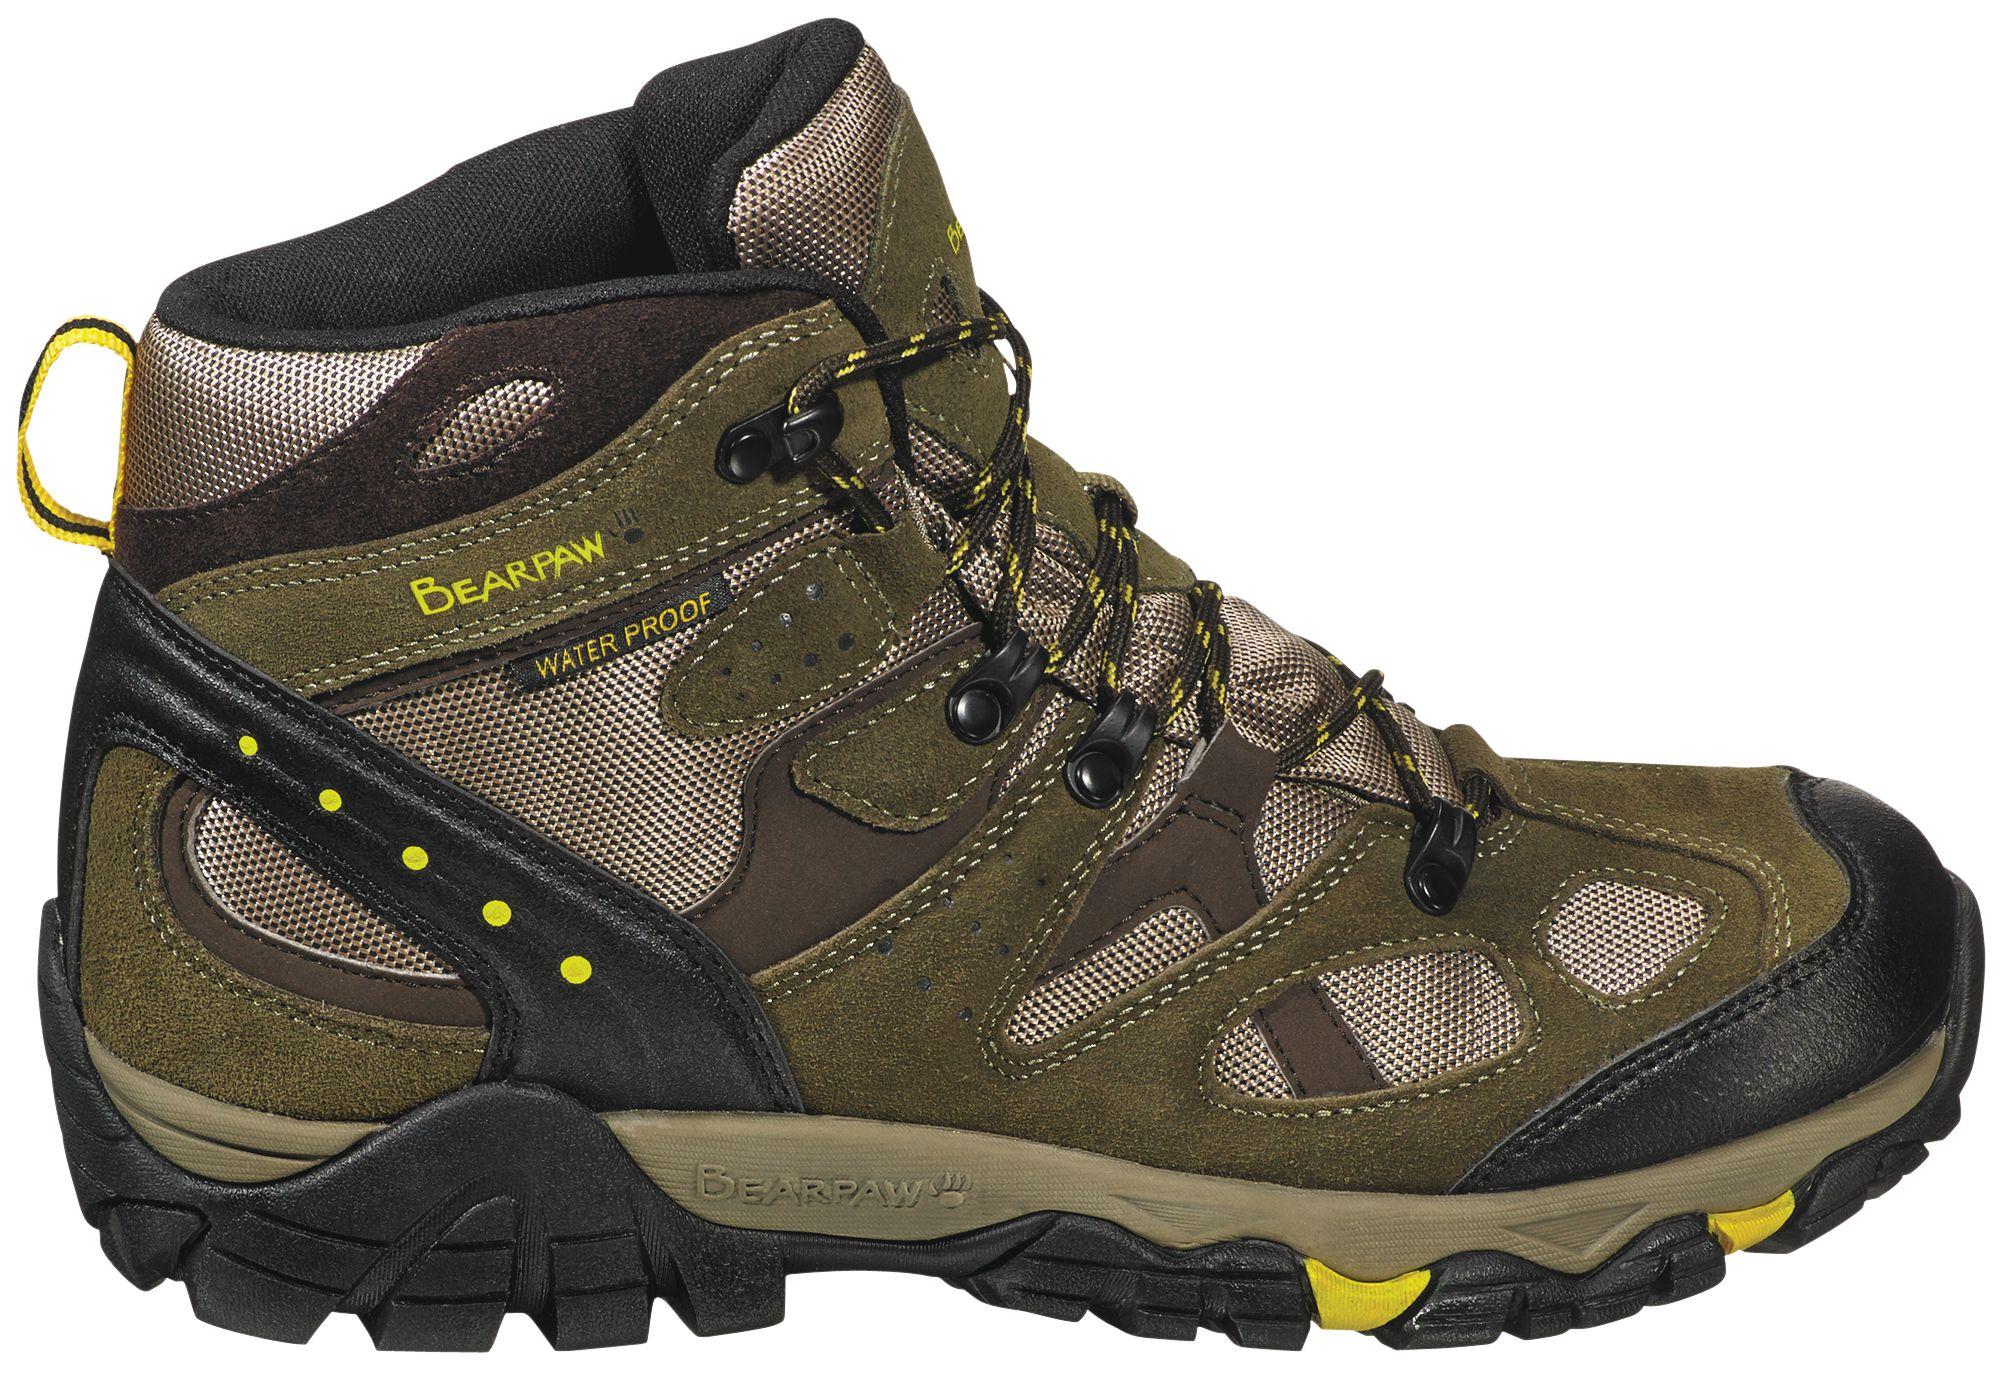 Bearpaw Men's Brock Mid Waterproof Hiking Boots| DICK'S Sporting Goods